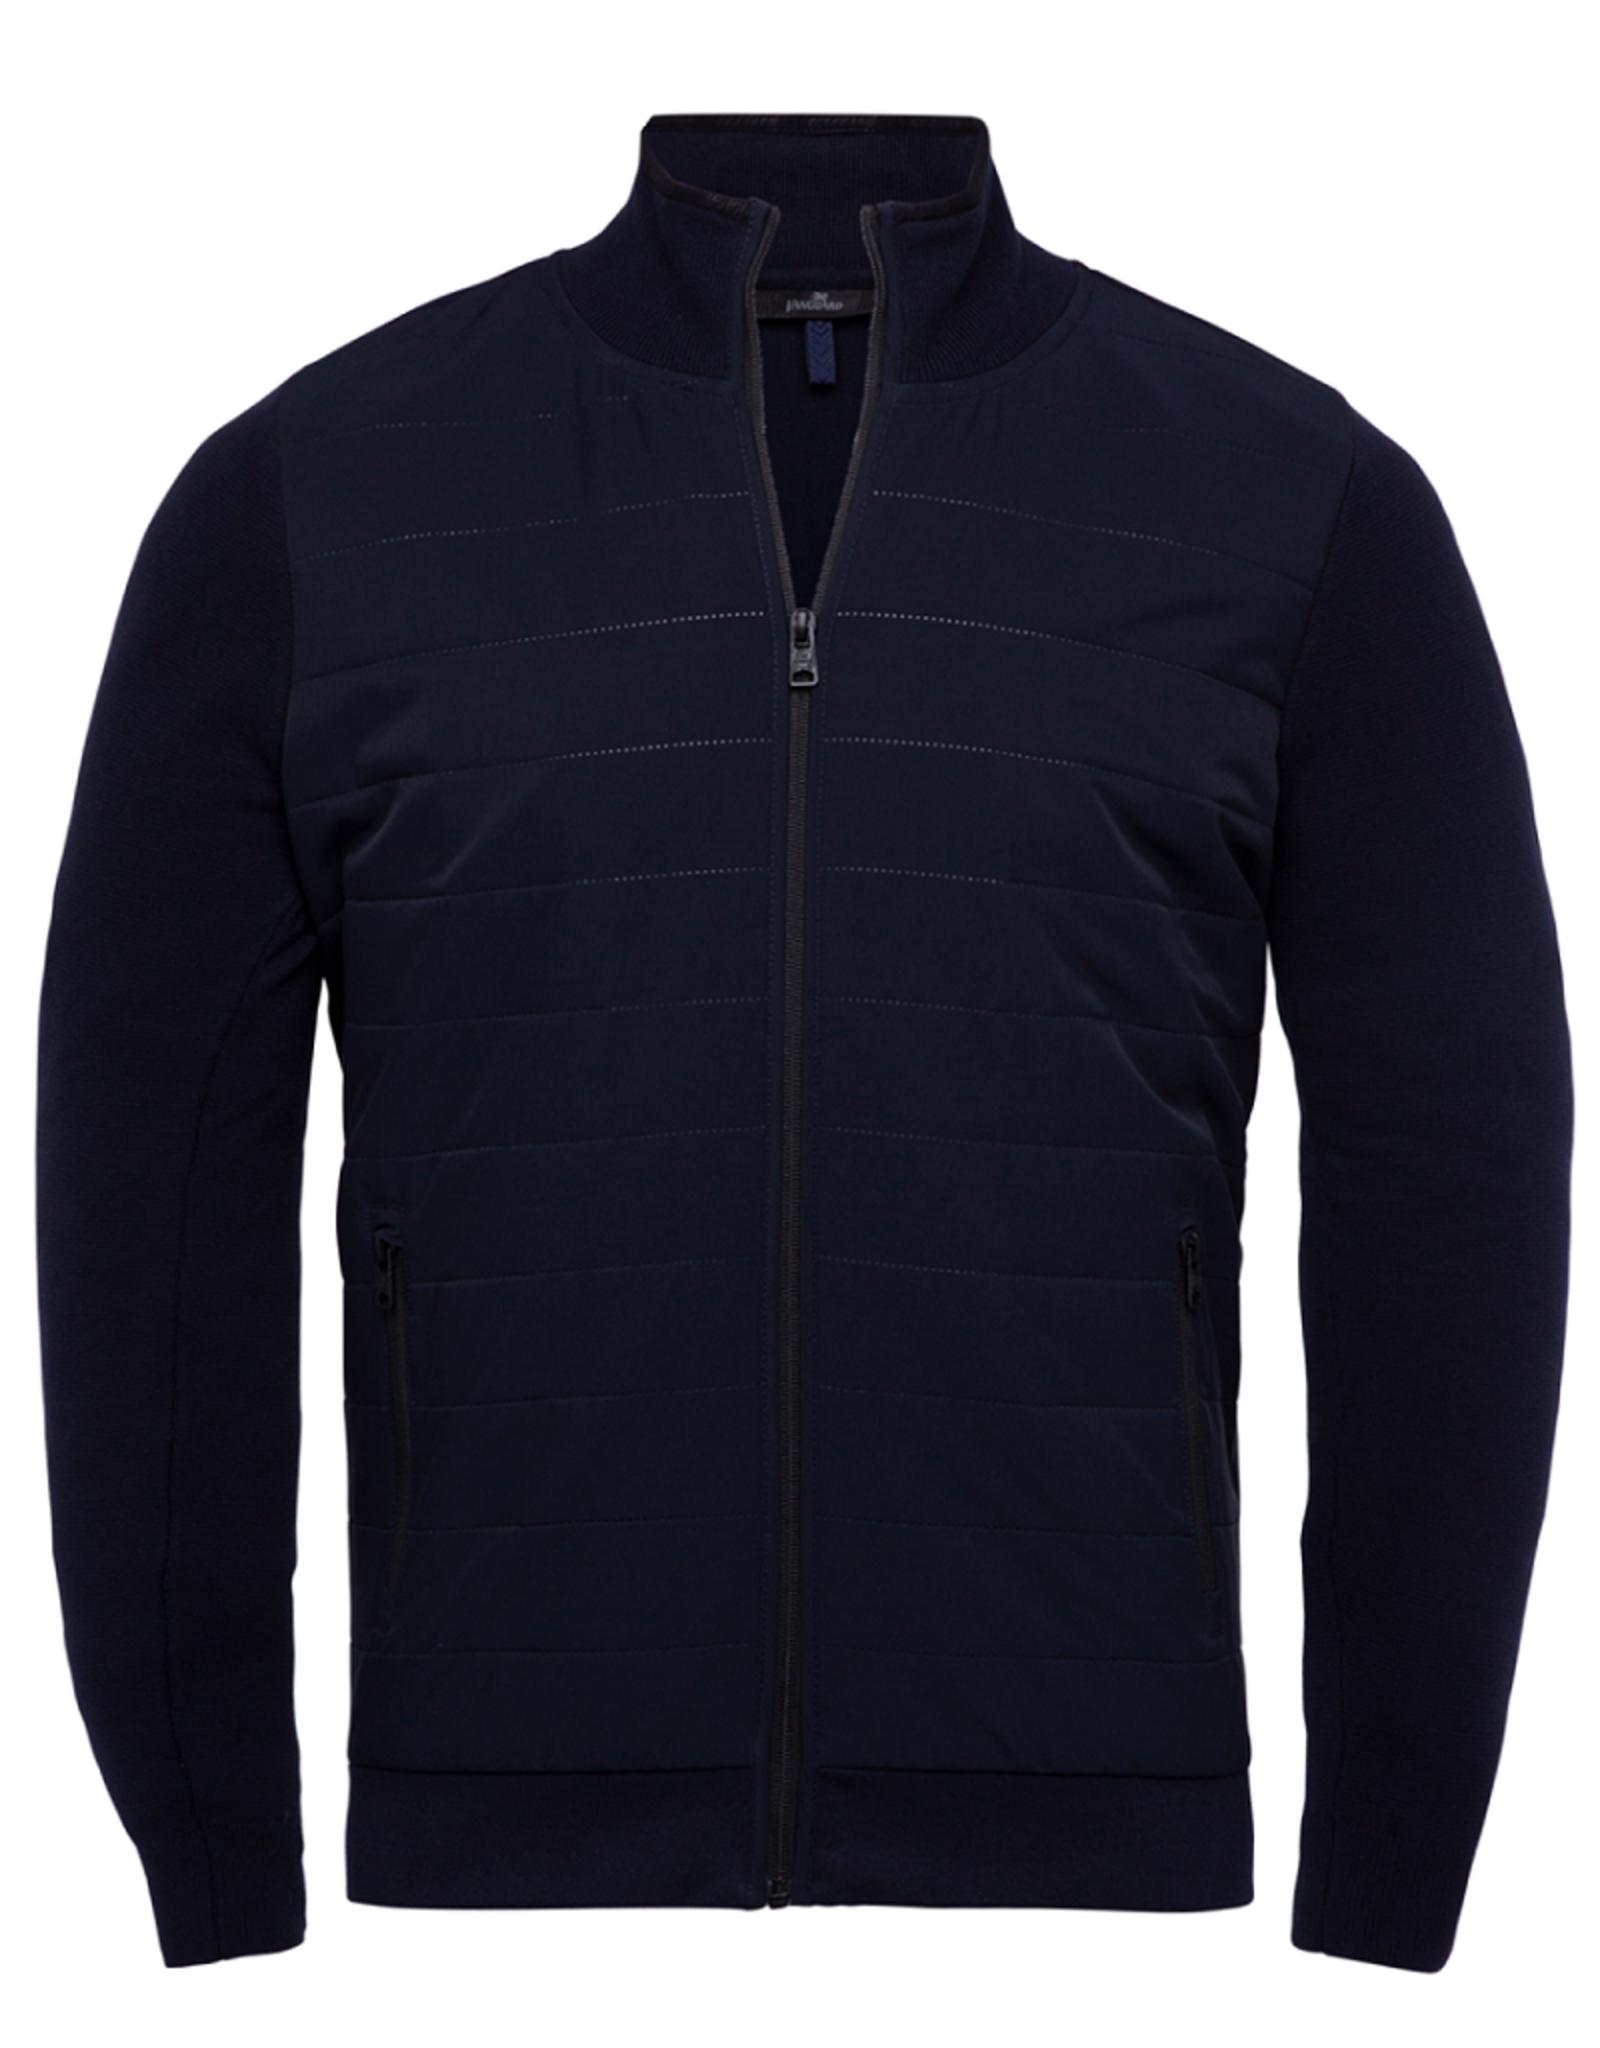 Vanguard Vanguard Zip Jacket cotton polyamide 5073